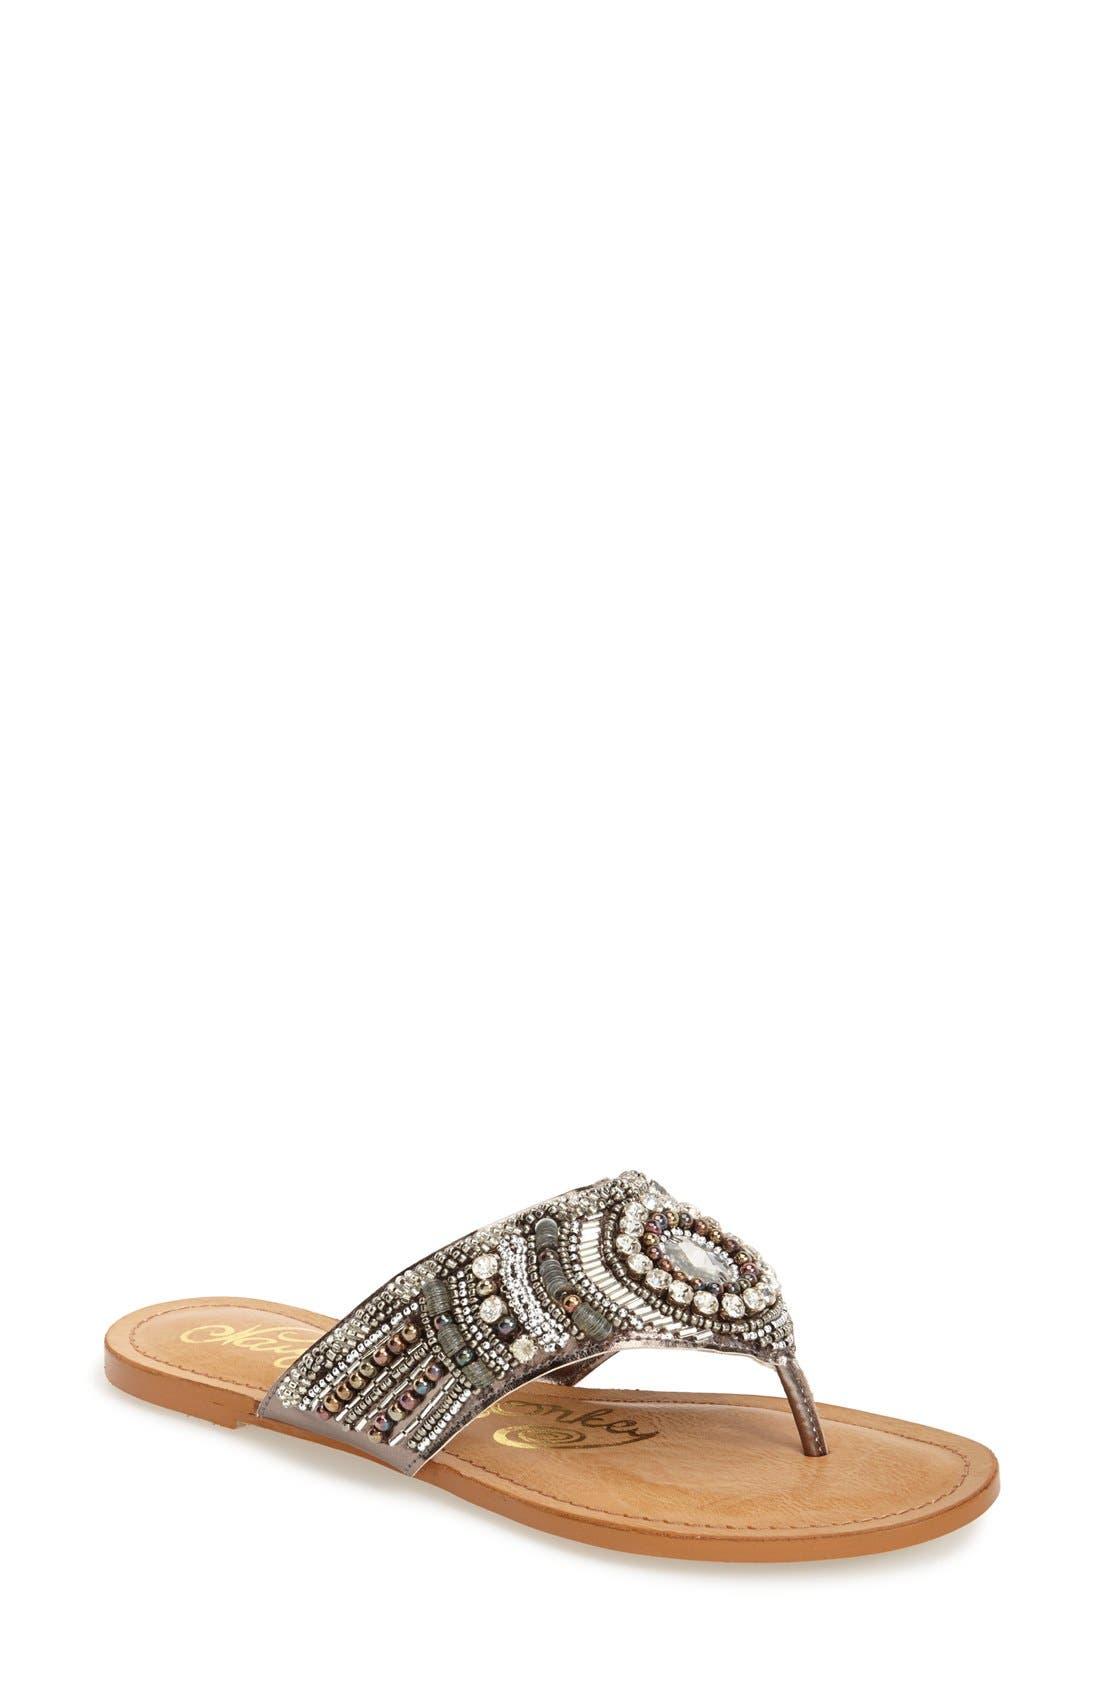 Alternate Image 1 Selected - Naughty Monkey 'Electric Shine' Embellished Sandal (Women)